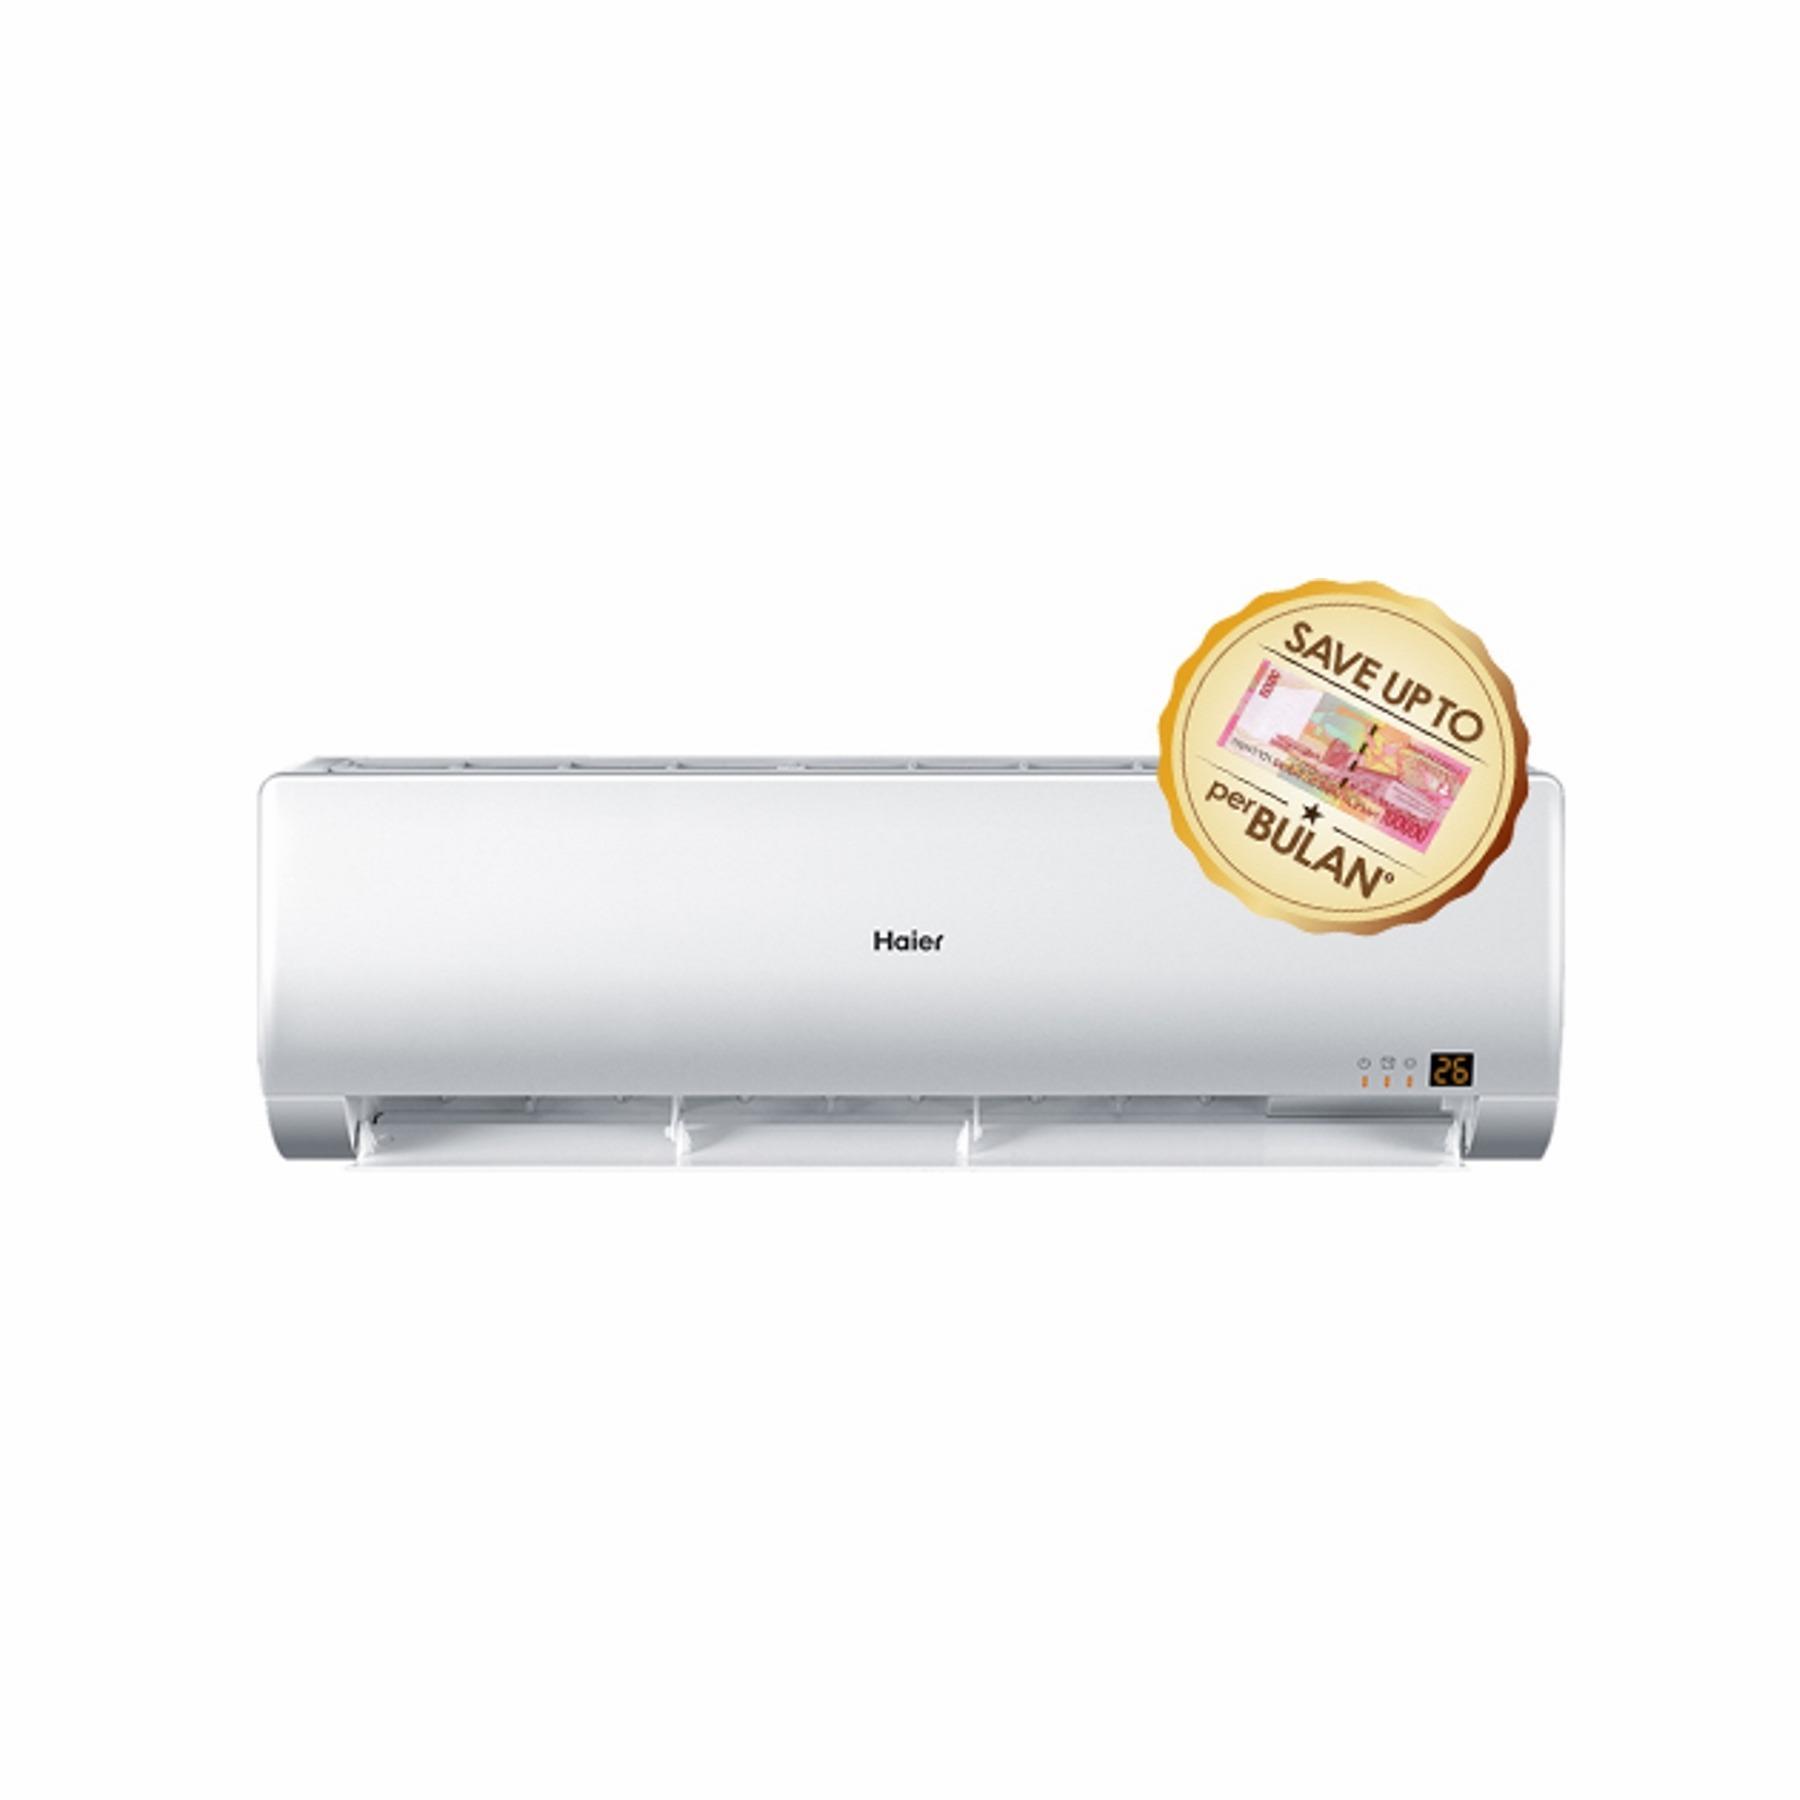 Haier AC 1 PK HSU09ECO03LW Low Watt – Putih - Khusus Jadetabek